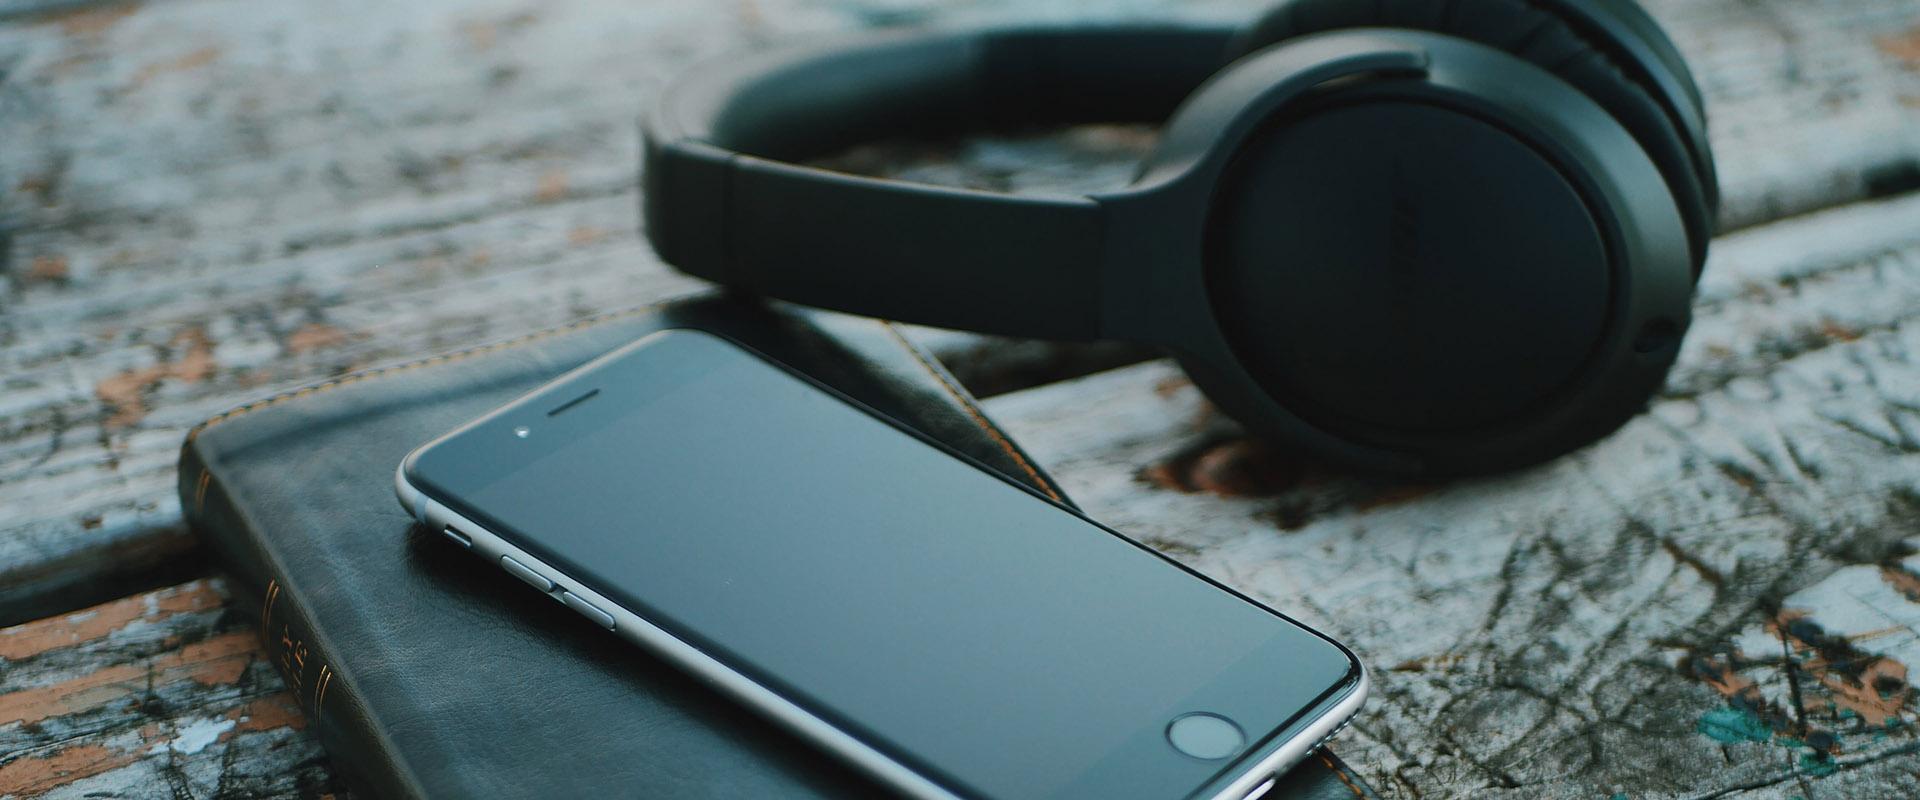 audi 1920 - Штучний інтелект клонує голос та знижує вартість аудіокниг на 90%